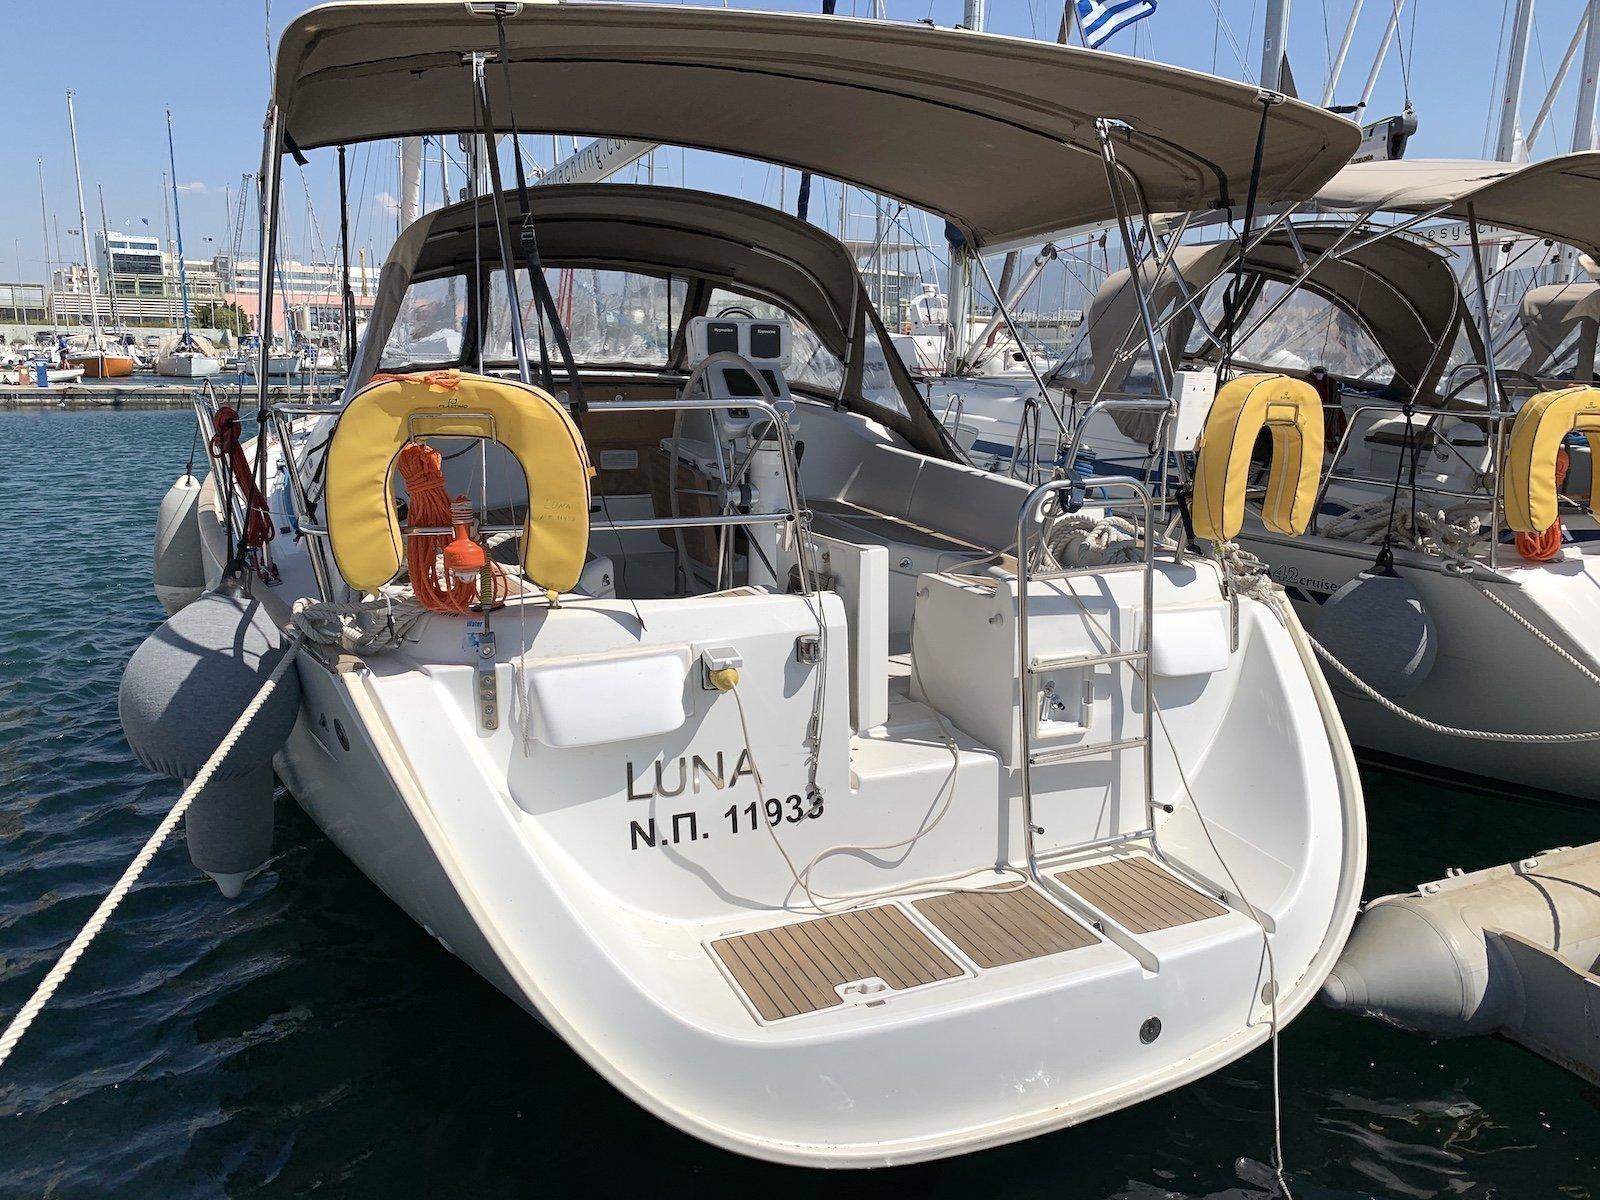 Oceanis Clipper 423 - 4 cab. (Luna)  - 1